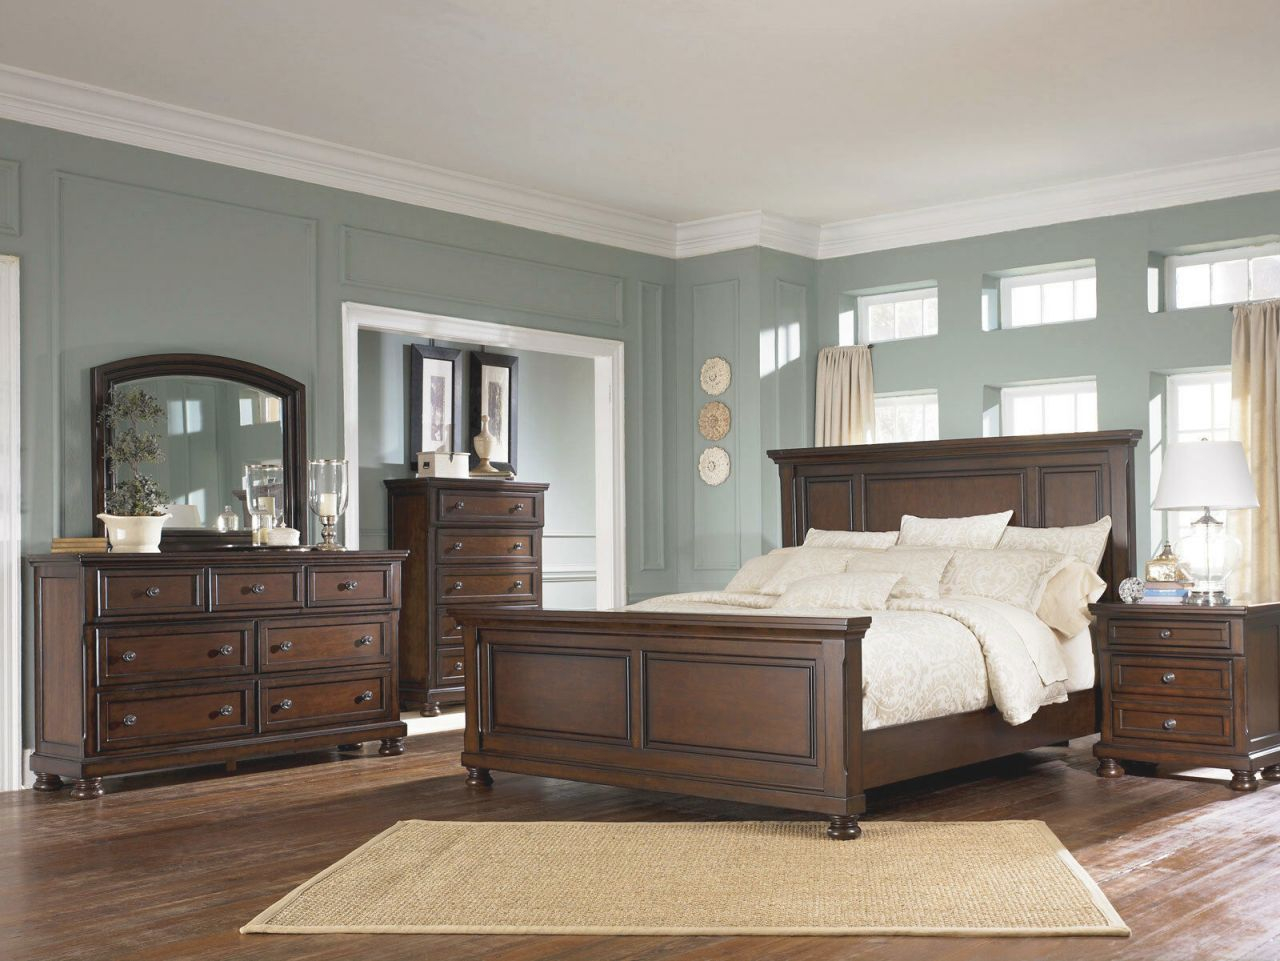 ashley furniture porter bed